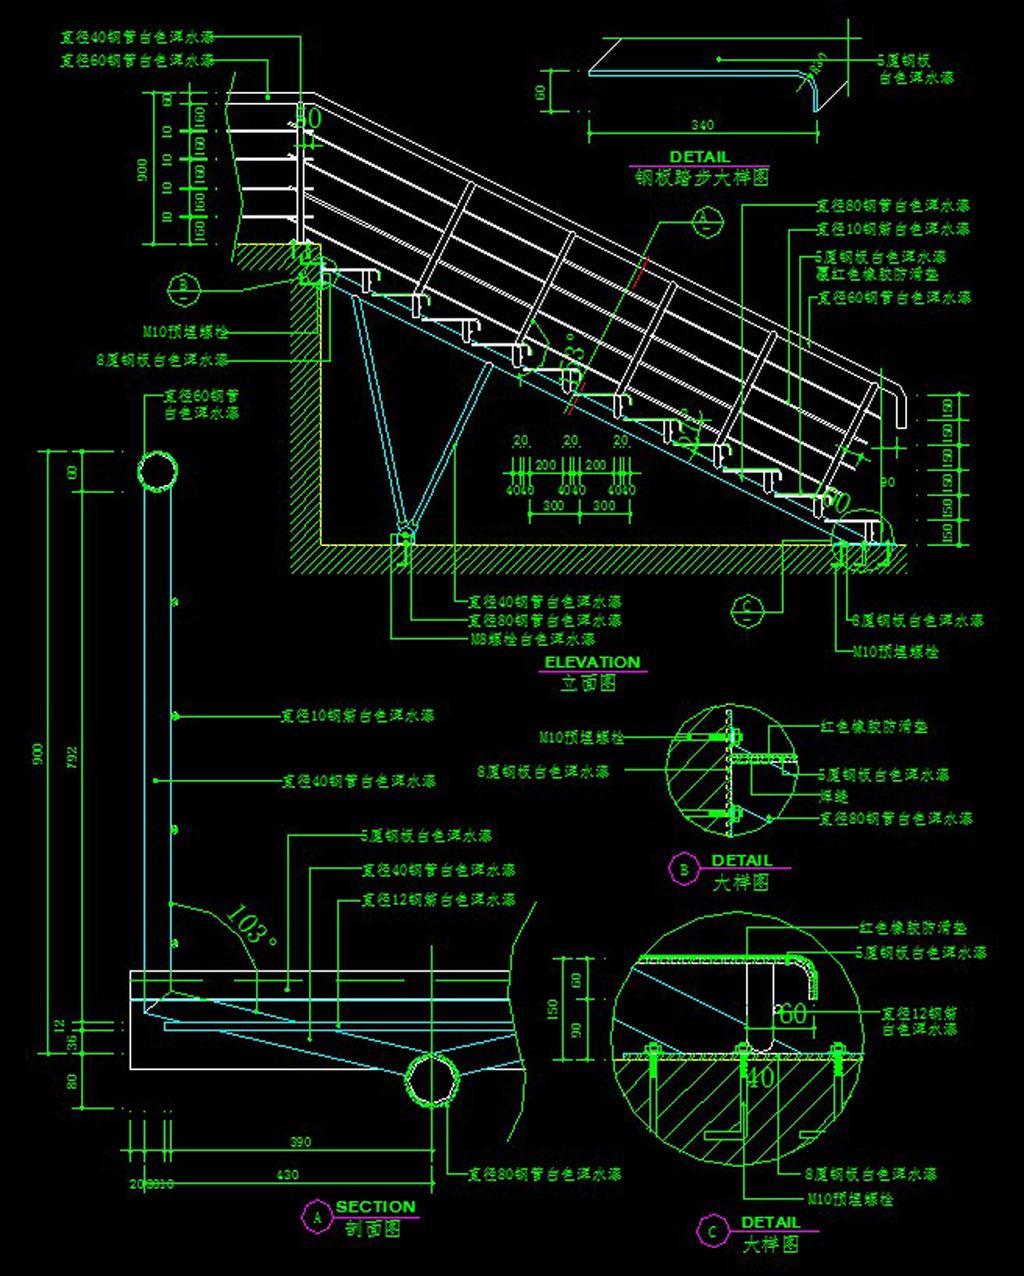 楼梯节点栏杆节点 楼梯cad 楼梯图纸 不锈钢楼梯扶手 木头楼梯扶手